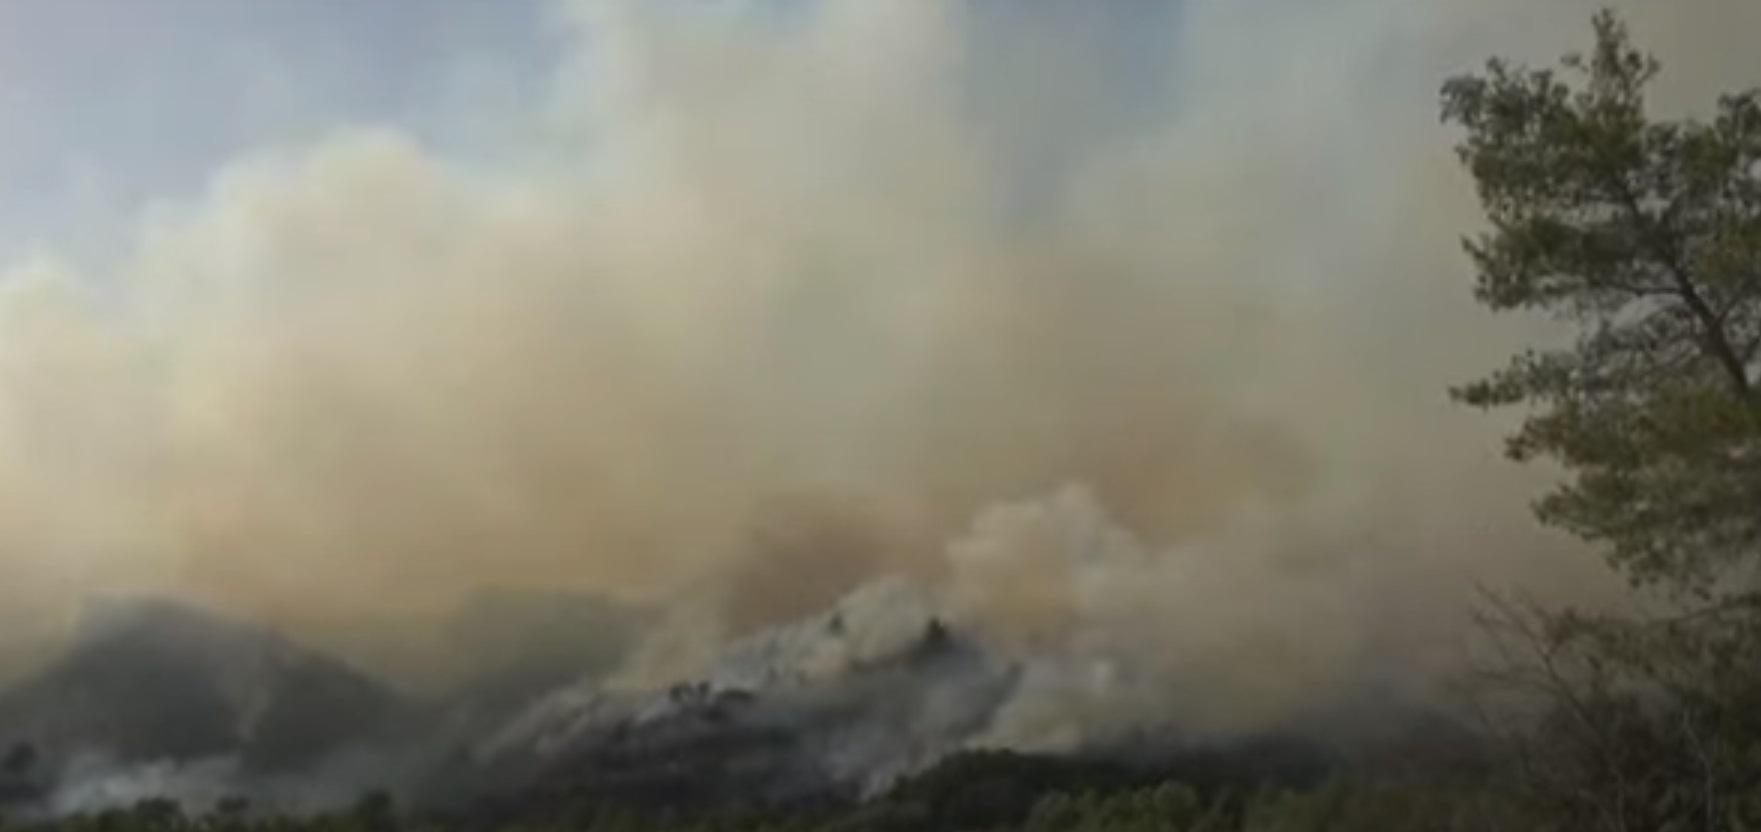 Φωτιά στο Αγρίνιο: Εκκενώνονται τα χωριά Παραδείσι και Περπάτη